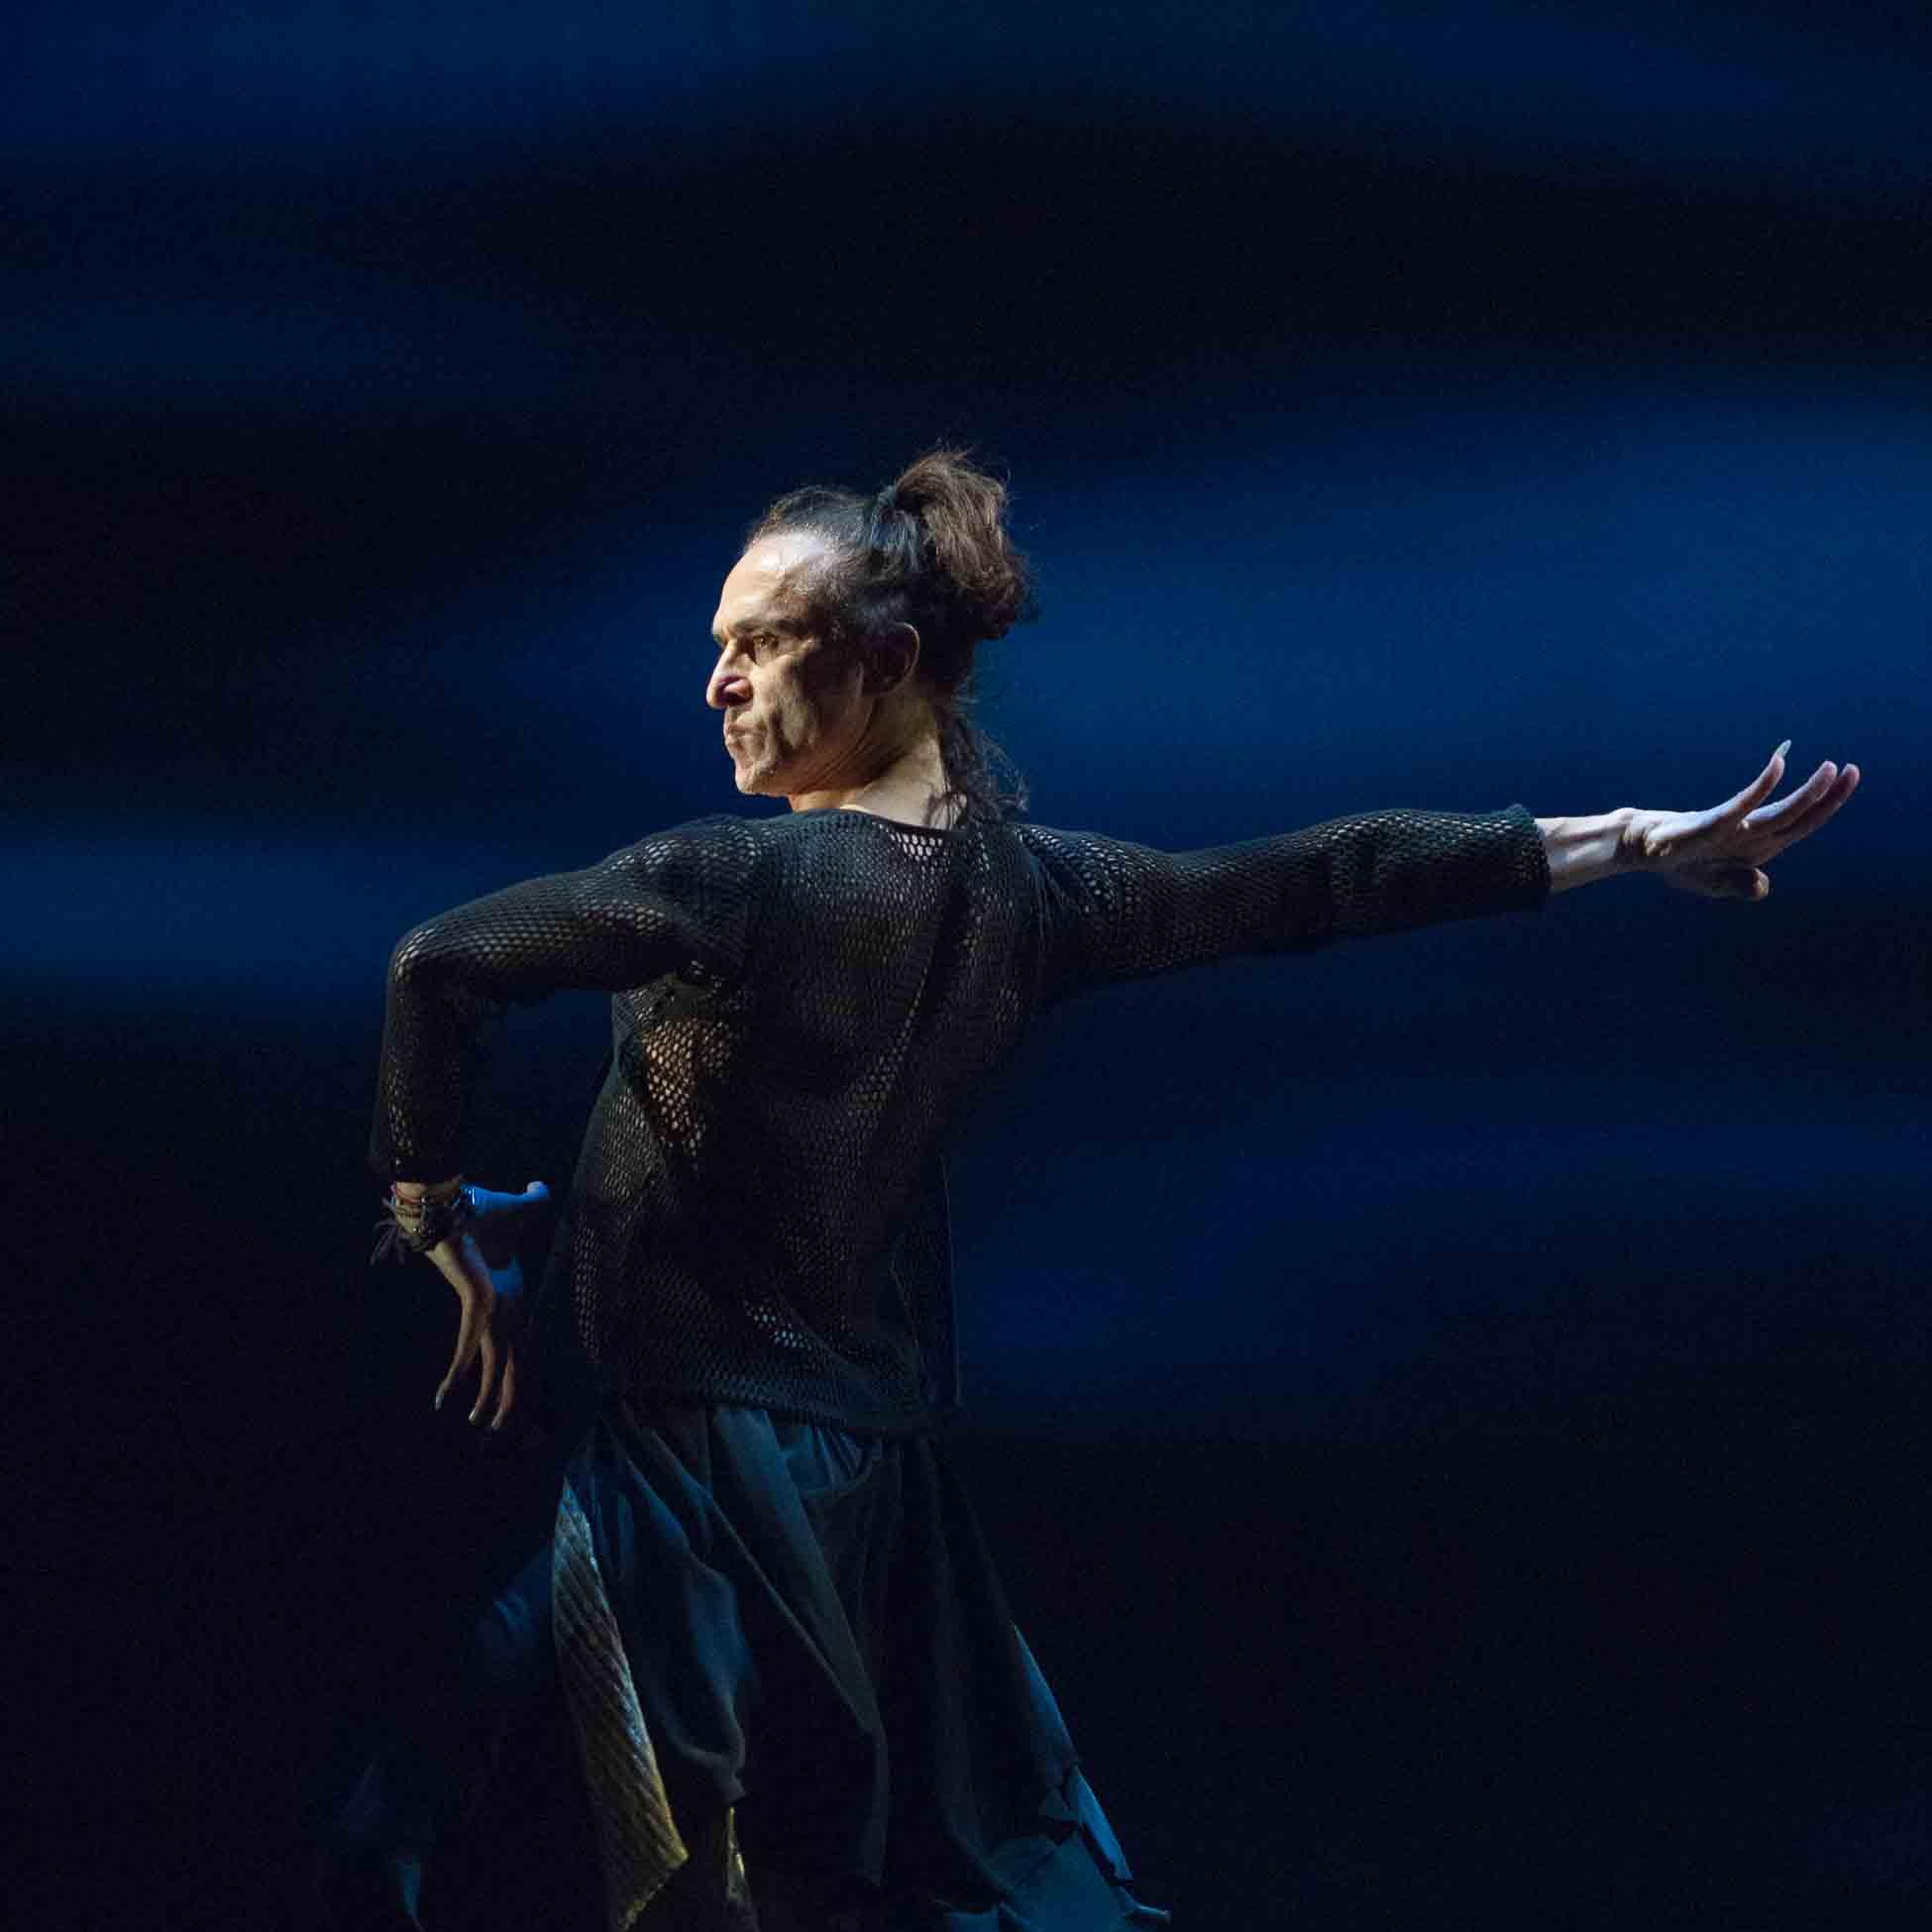 Концерт Фаруха Рузиматова со скидкой до 52%